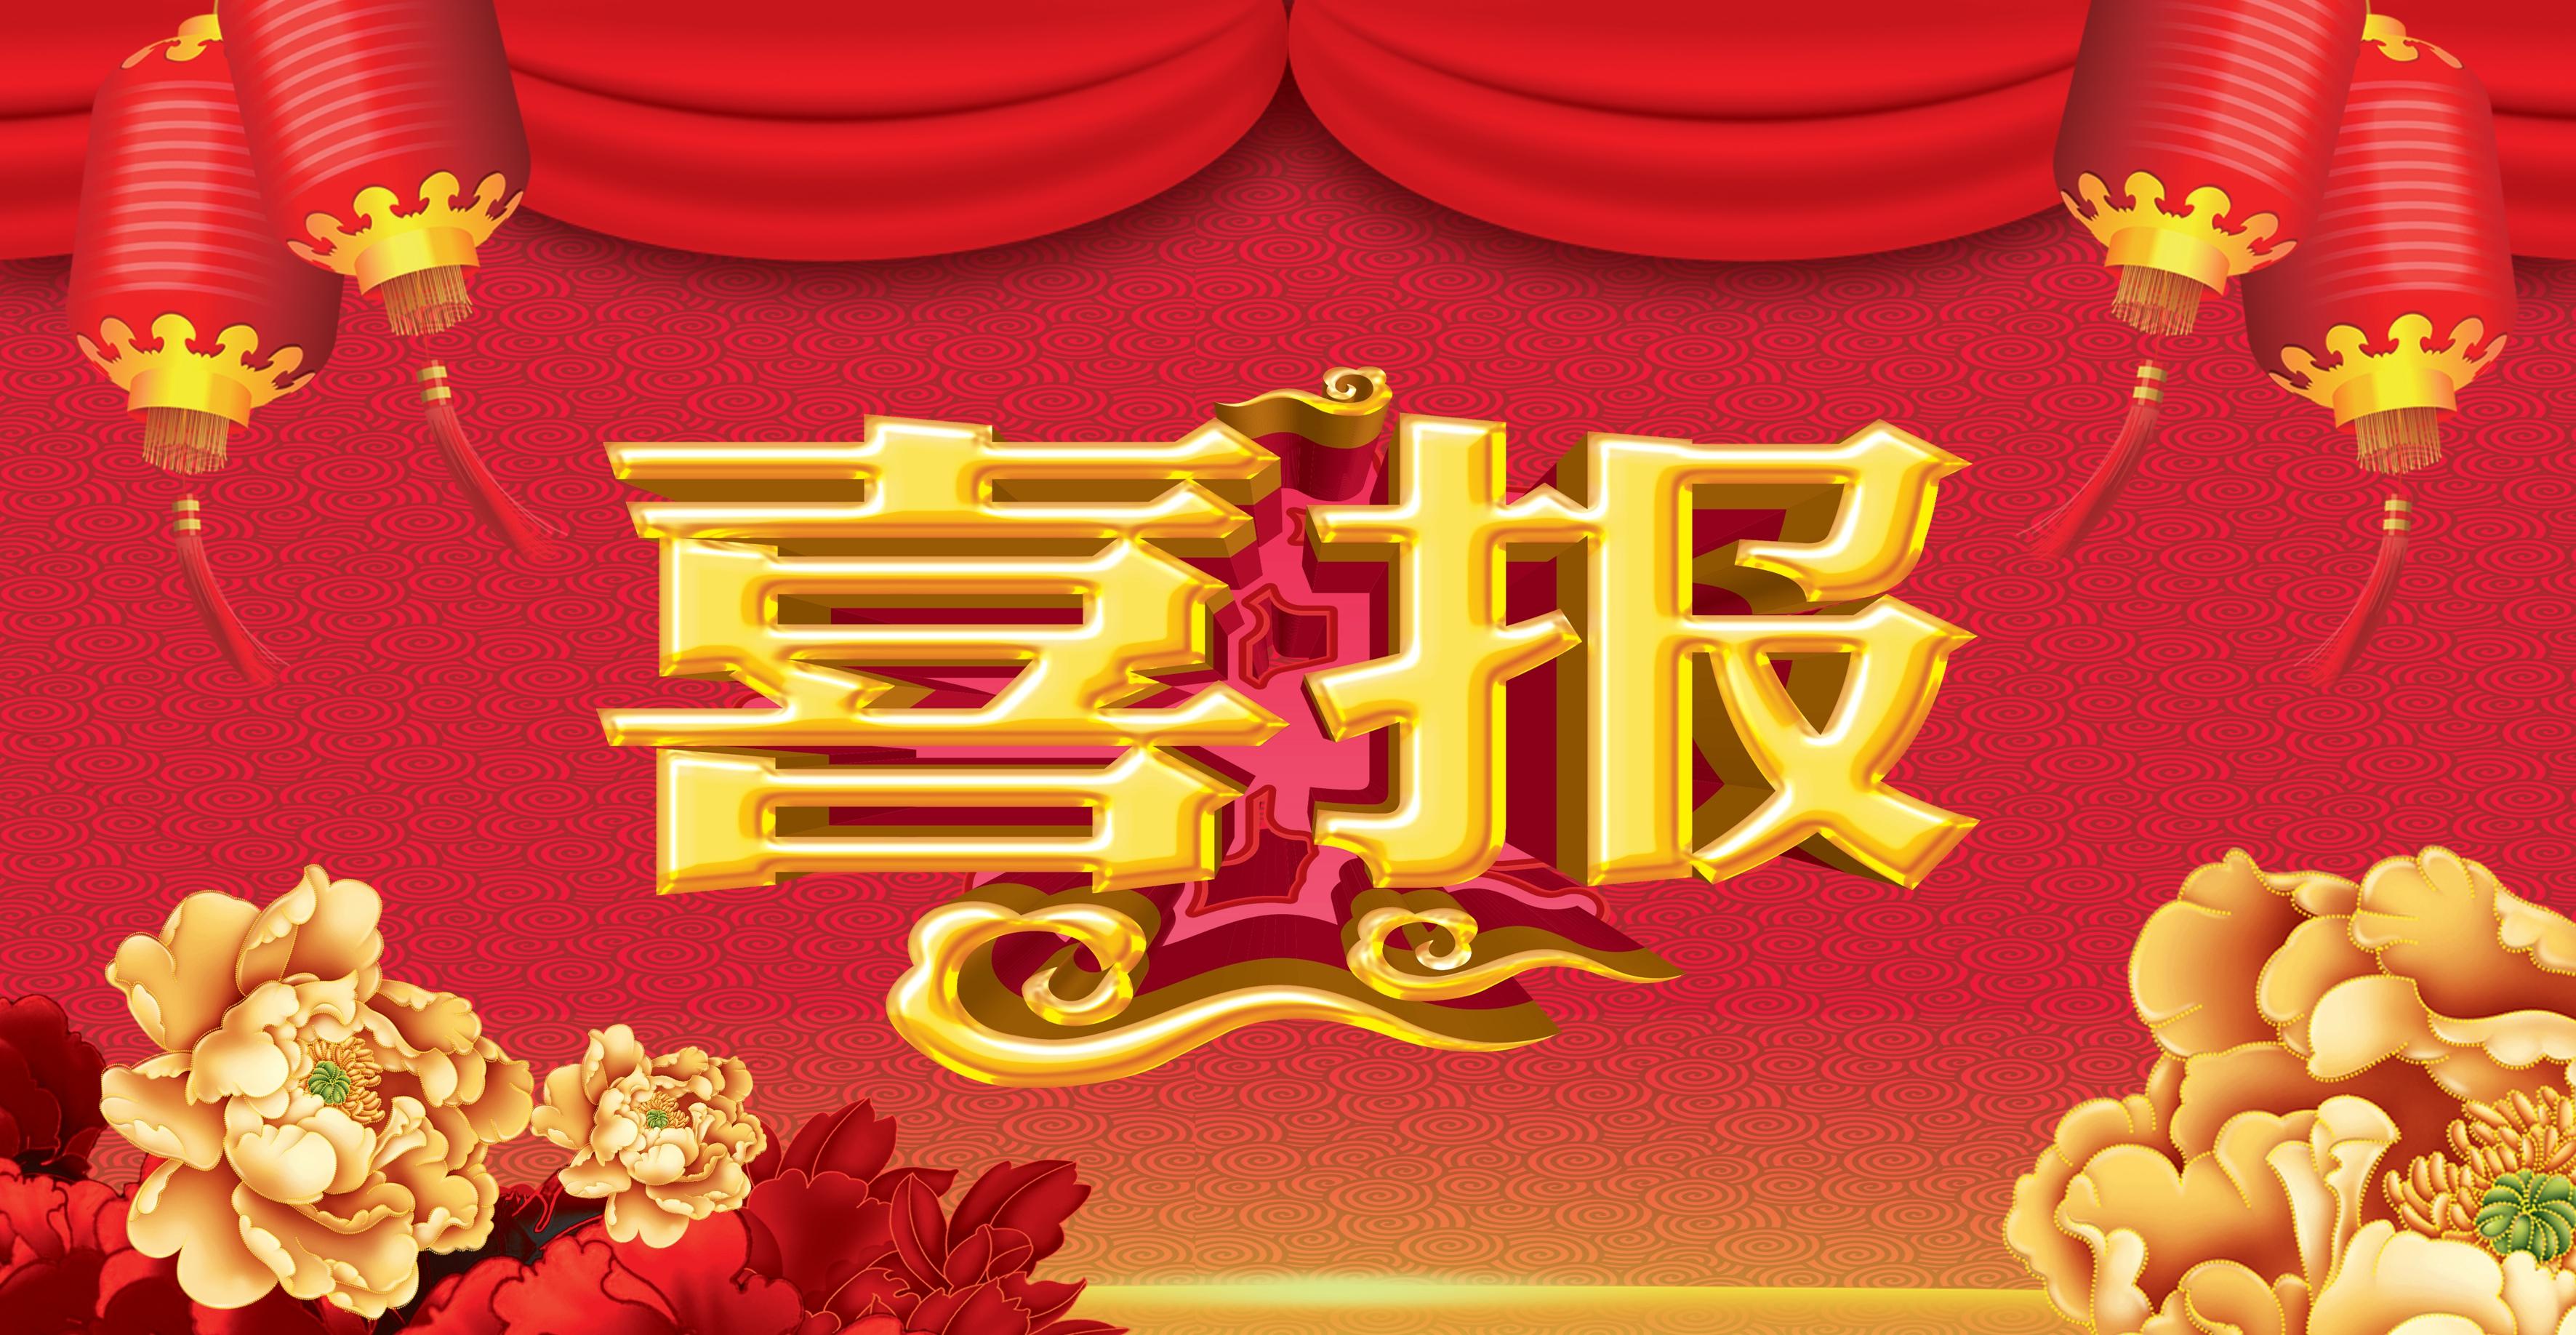 喜讯丨扬力集团荣获2019年度江苏省科学技术奖、省企业技术创新